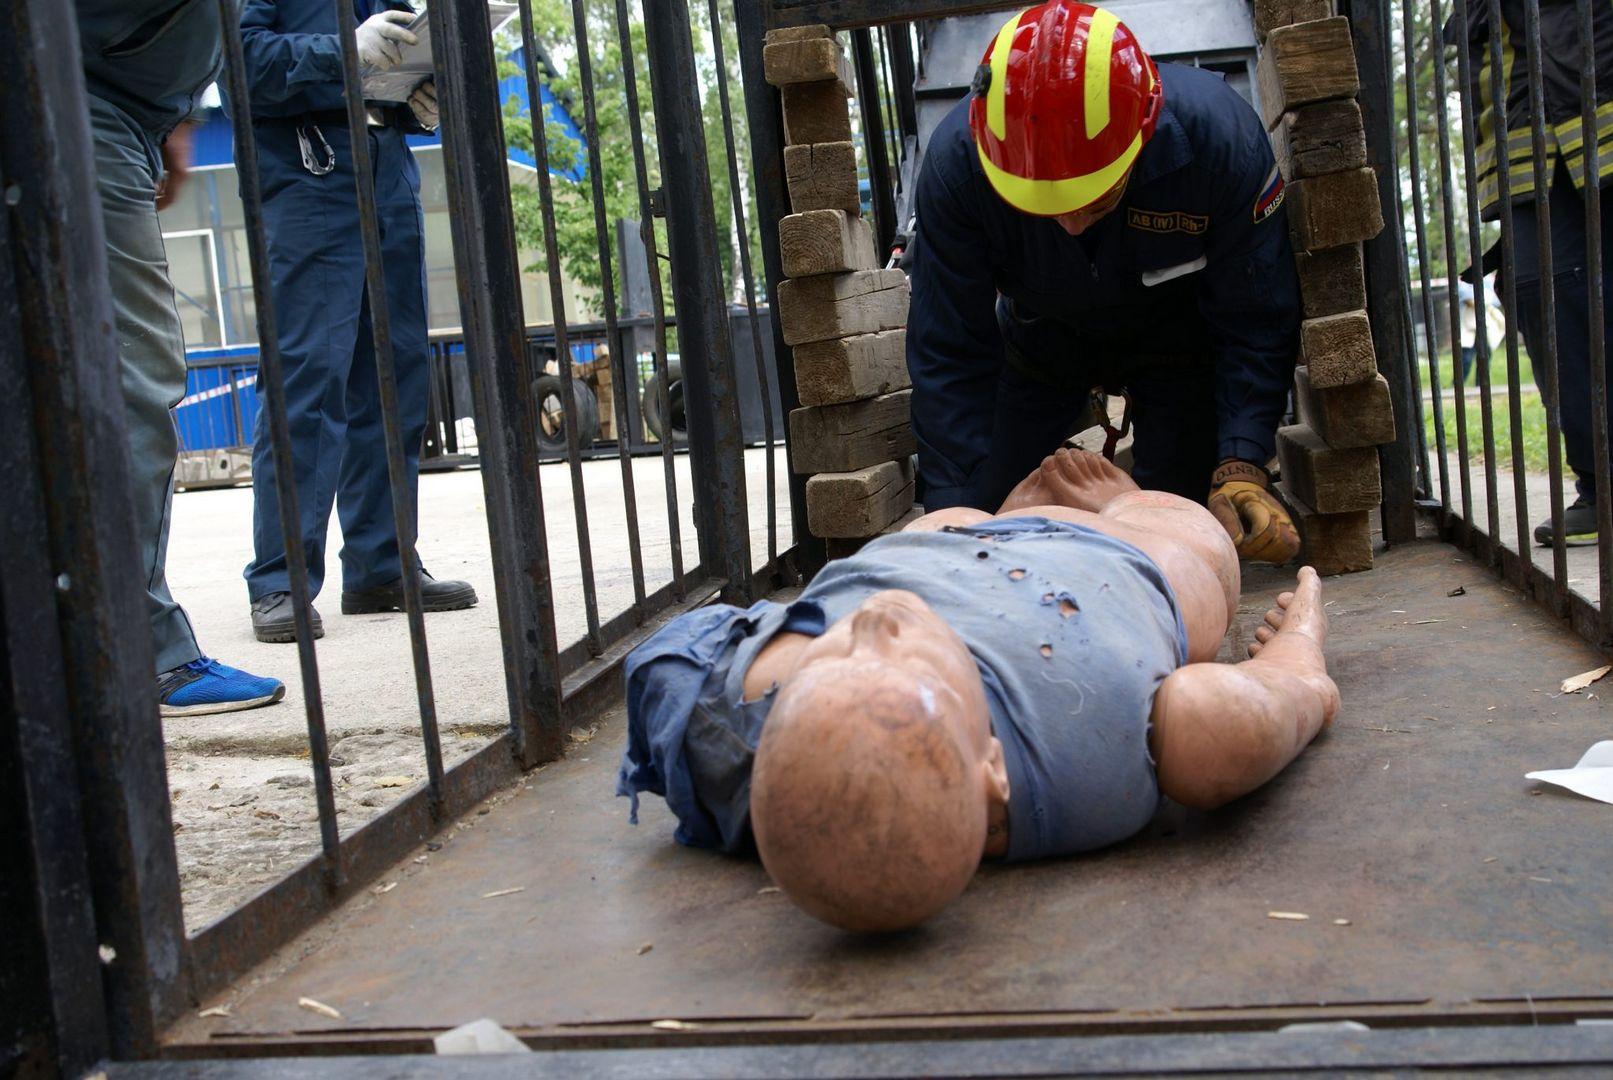 эвакуация, манекен, полоса препятствий, спасатели, конкурс, лучший спасатель, спасатели Москвы, департамент ГО ЧС